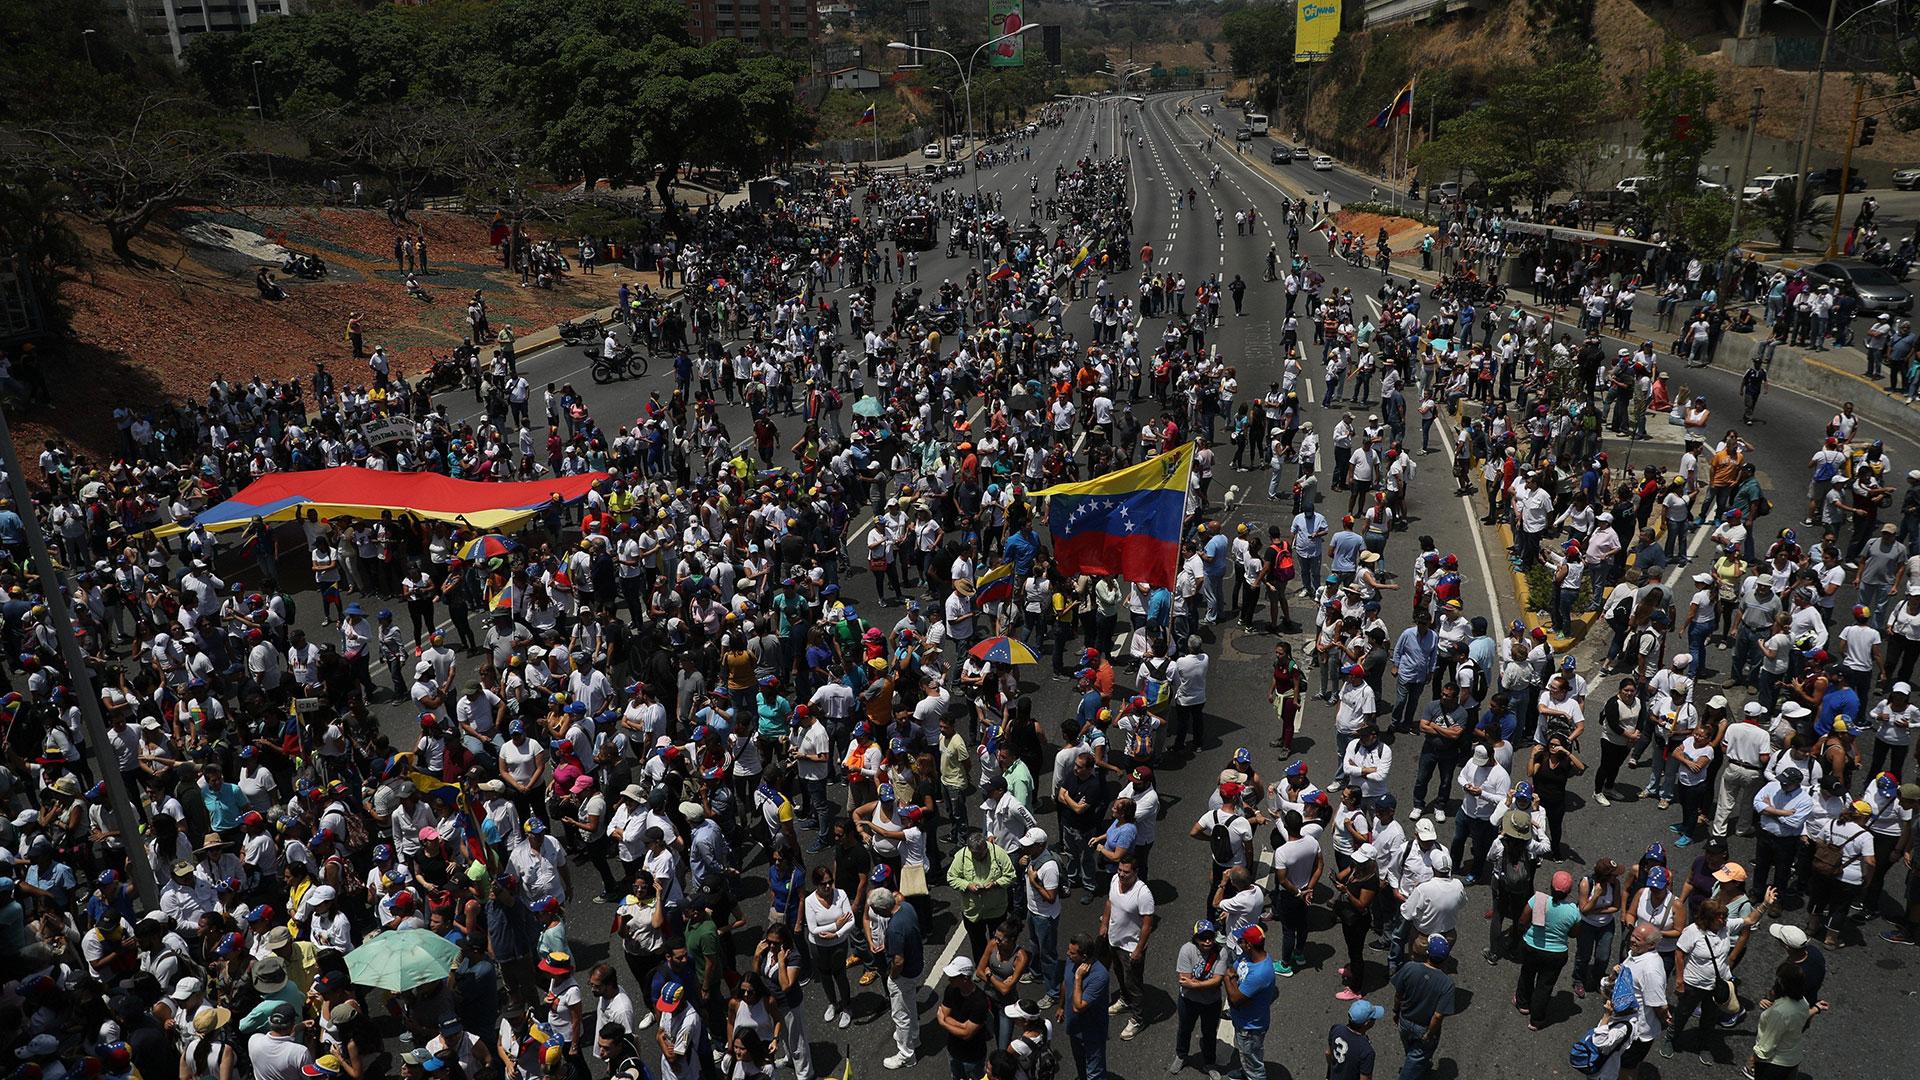 Miles de venezolanos en las calles de Caracas este miércoles, un día después del levantamiento encabezado por el jefe del Parlamento, Juan Guaidó (EFE/Miguel Gutiérrez)